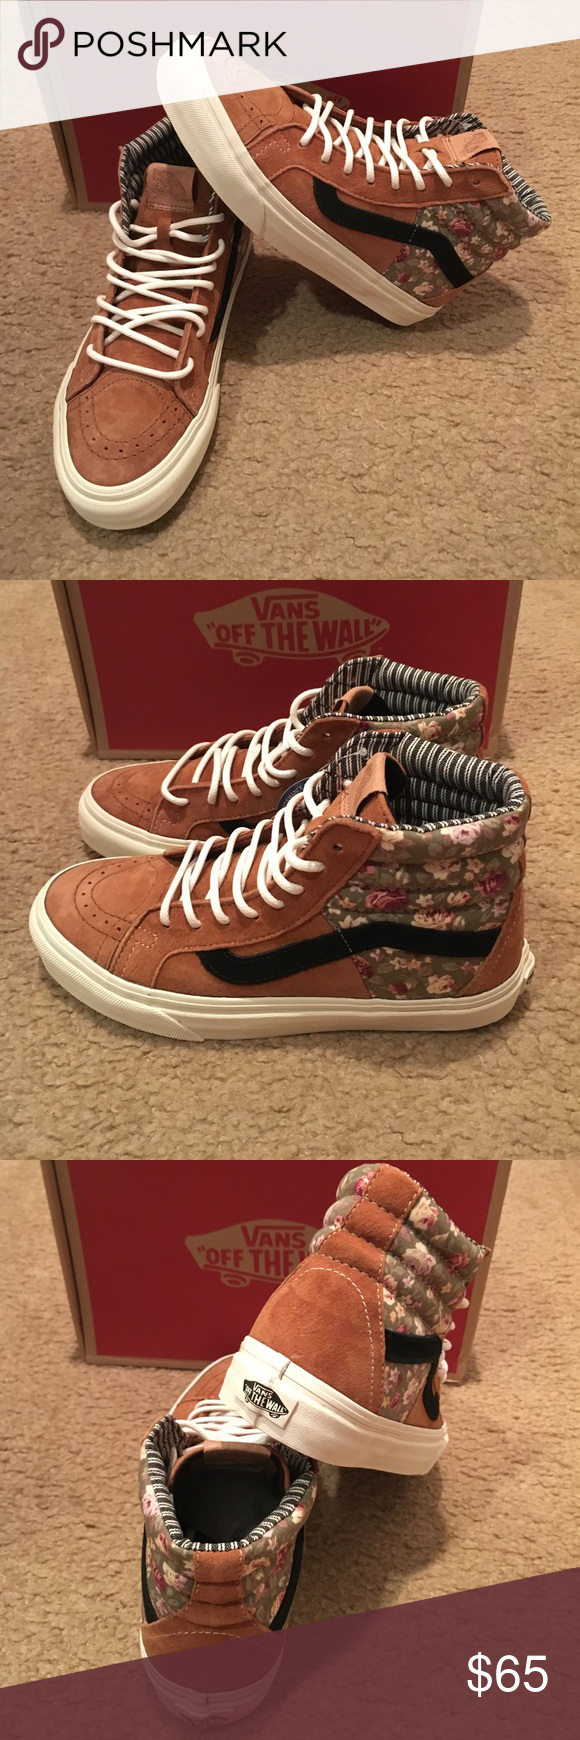 fbdb3fb7a410 Vans SK8-Hi 46 CA Floral Mix Sneakers New in box. Mocha Bisque Vans Shoes  Sneakers